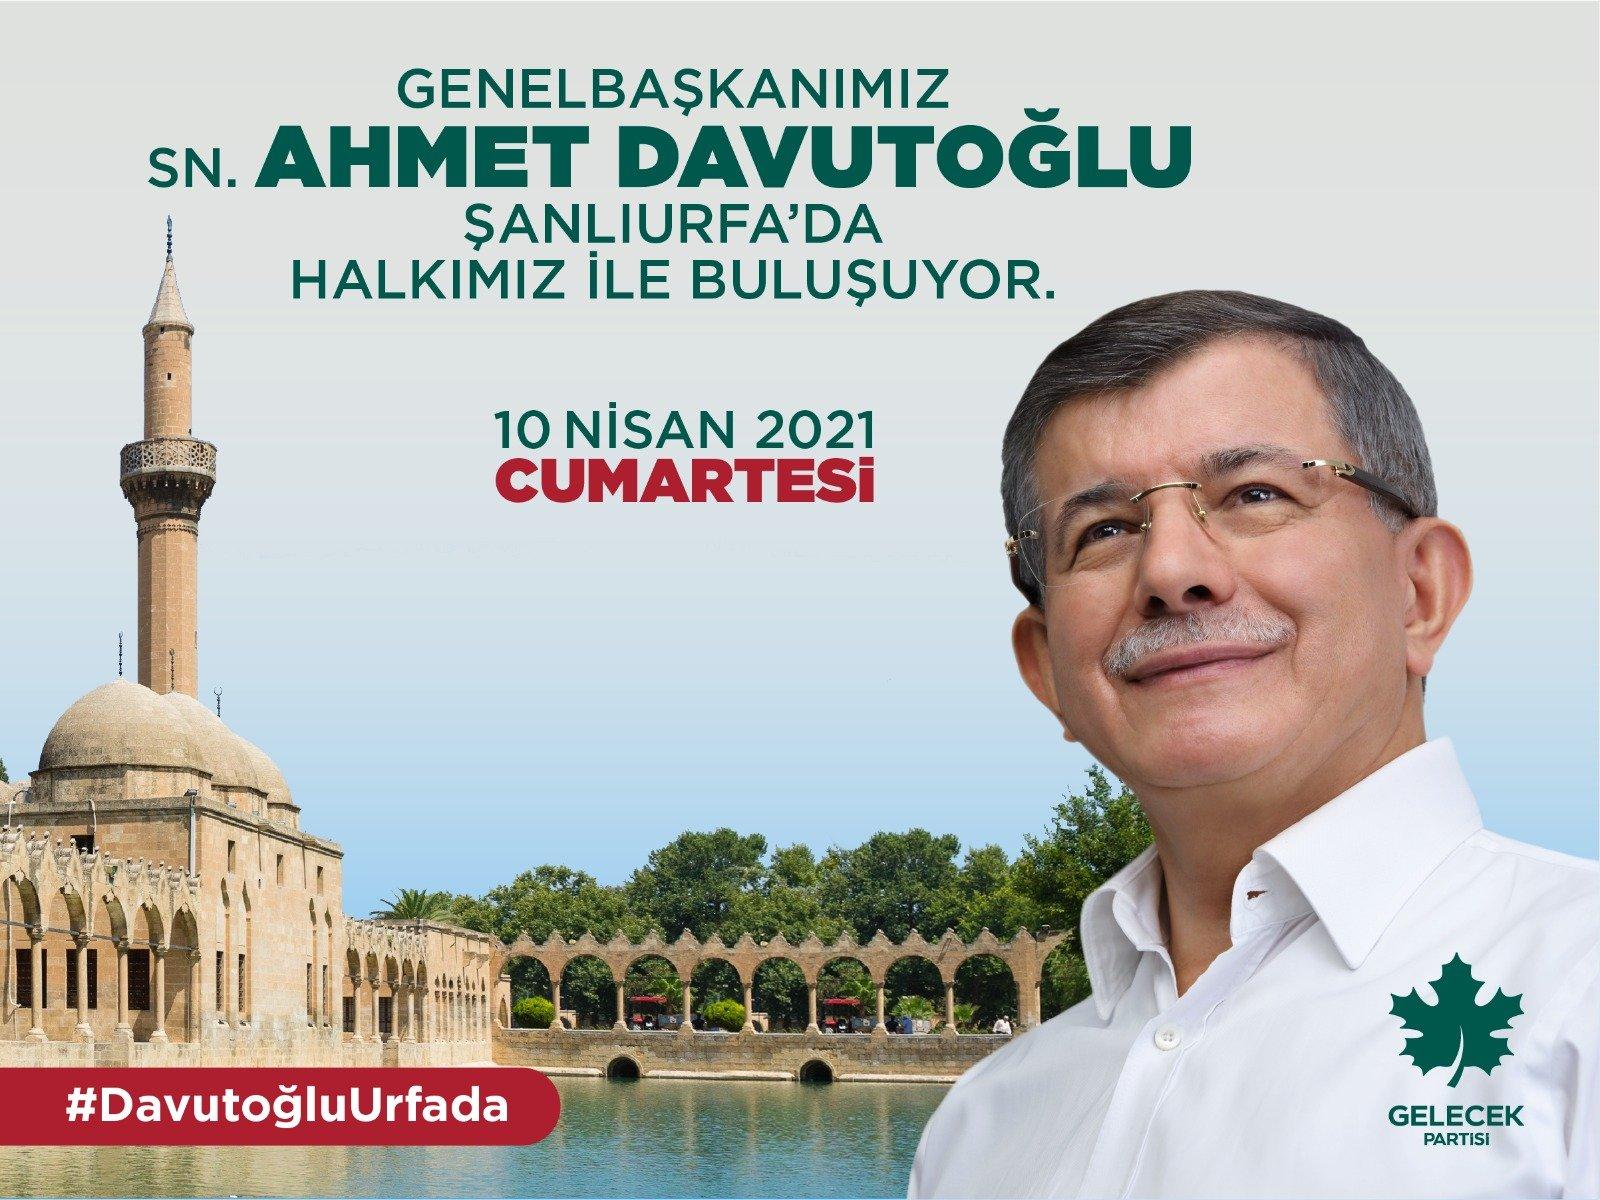 Genel Başkanımız Sayın Ahmet Davutoğlu Şanlıı Şehrimiz Şanlıurfa'da